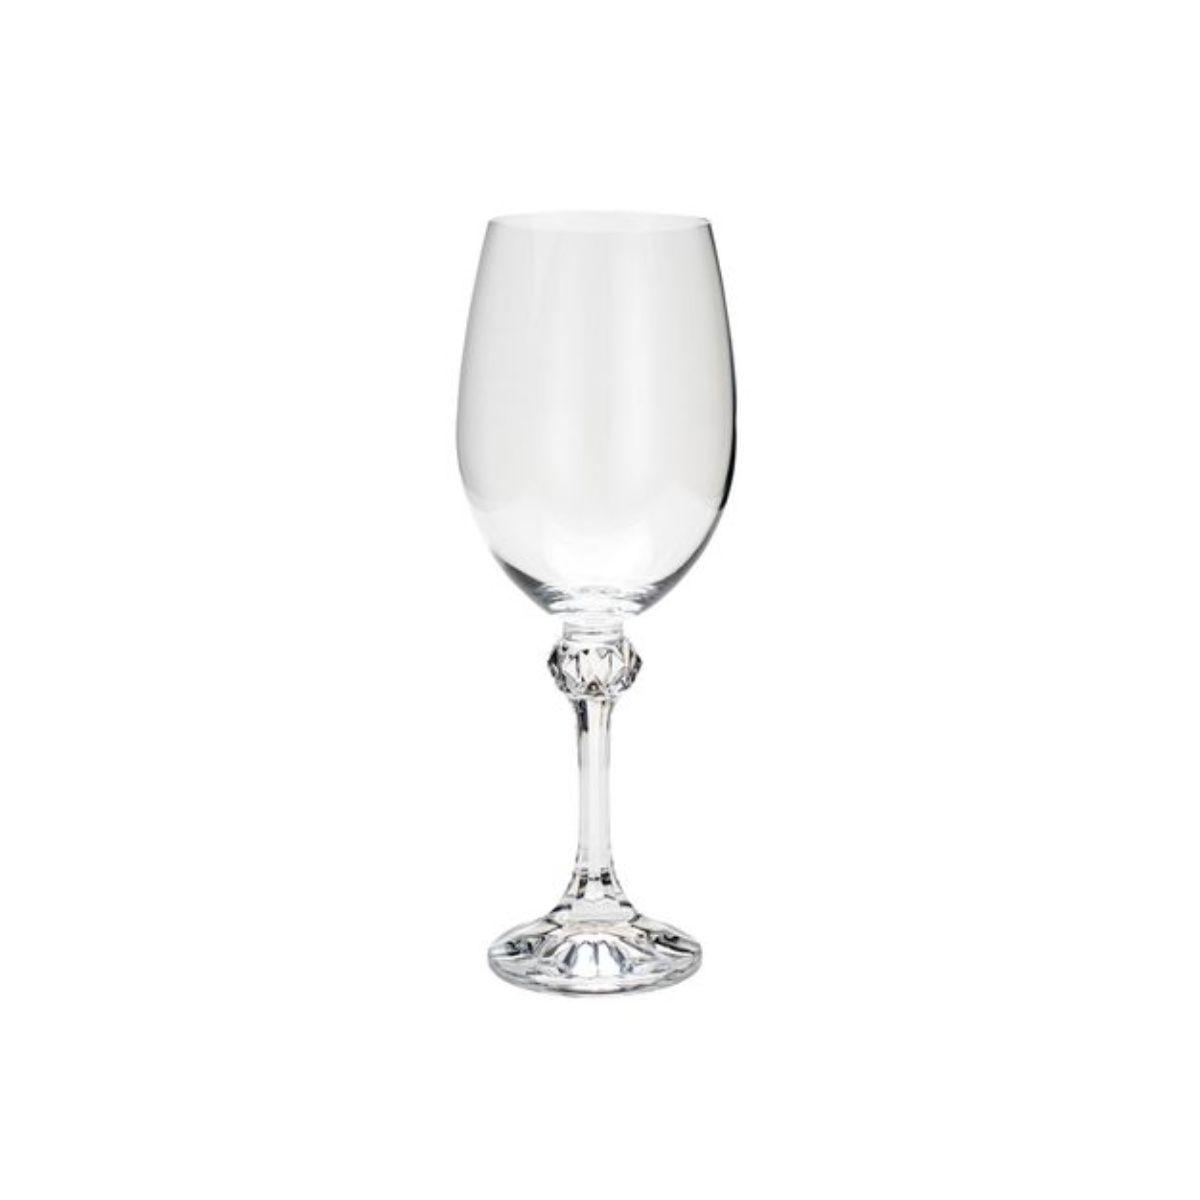 Jogo Taças de Cristal para Água - Bohemia Elisa 450Ml 6 pçs